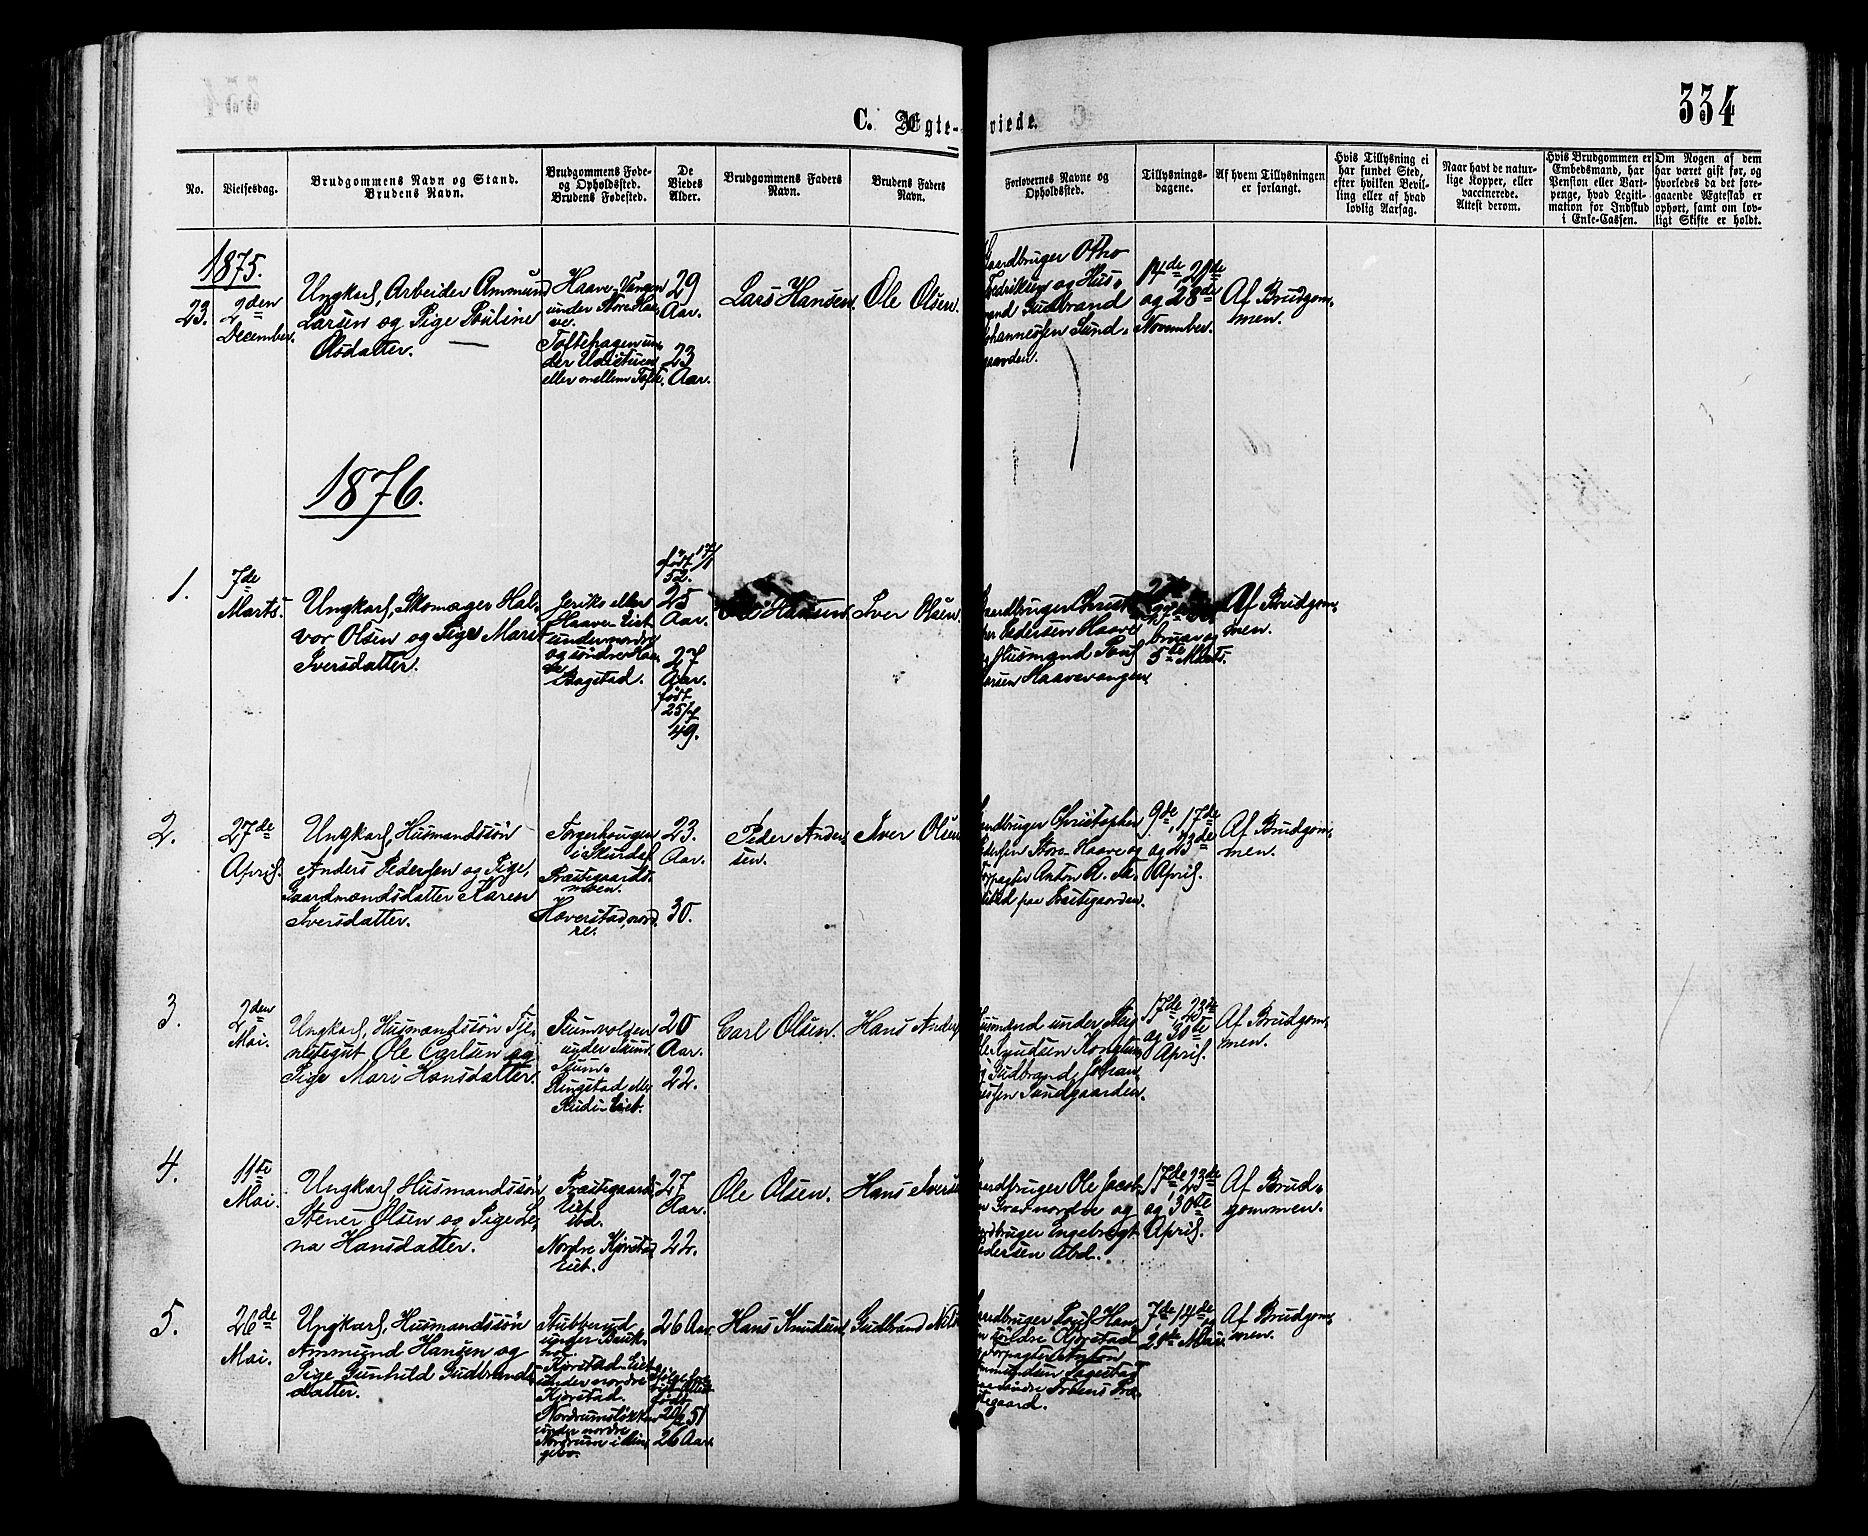 SAH, Sør-Fron prestekontor, H/Ha/Haa/L0002: Ministerialbok nr. 2, 1864-1880, s. 334